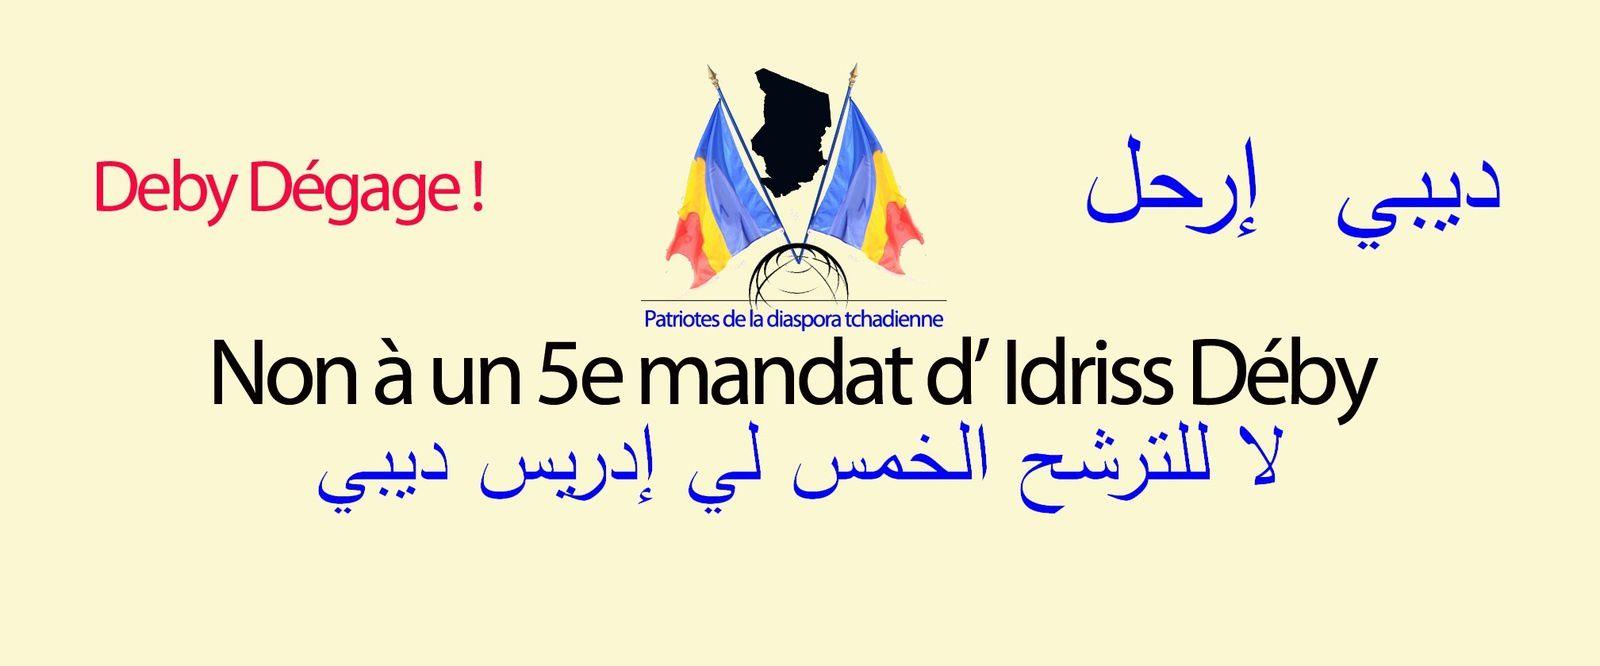 Rappel du communiqué n°008 /PDTF/de la marche Trocadéro - Ambassade du Tchad